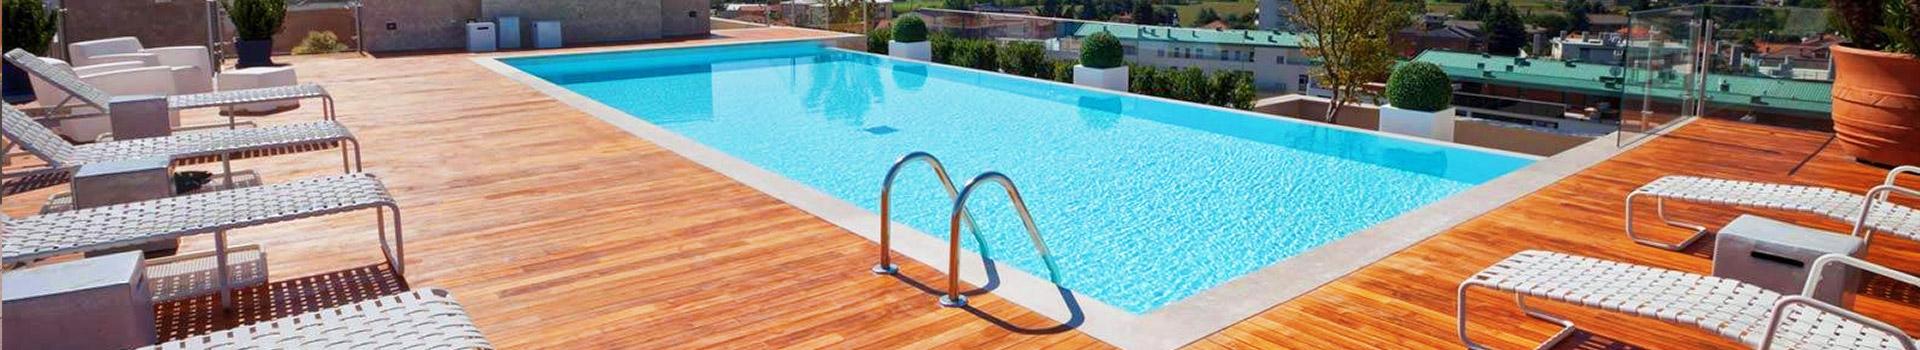 Piscine di design la piscina personalizzata piscine for Piscine design d o